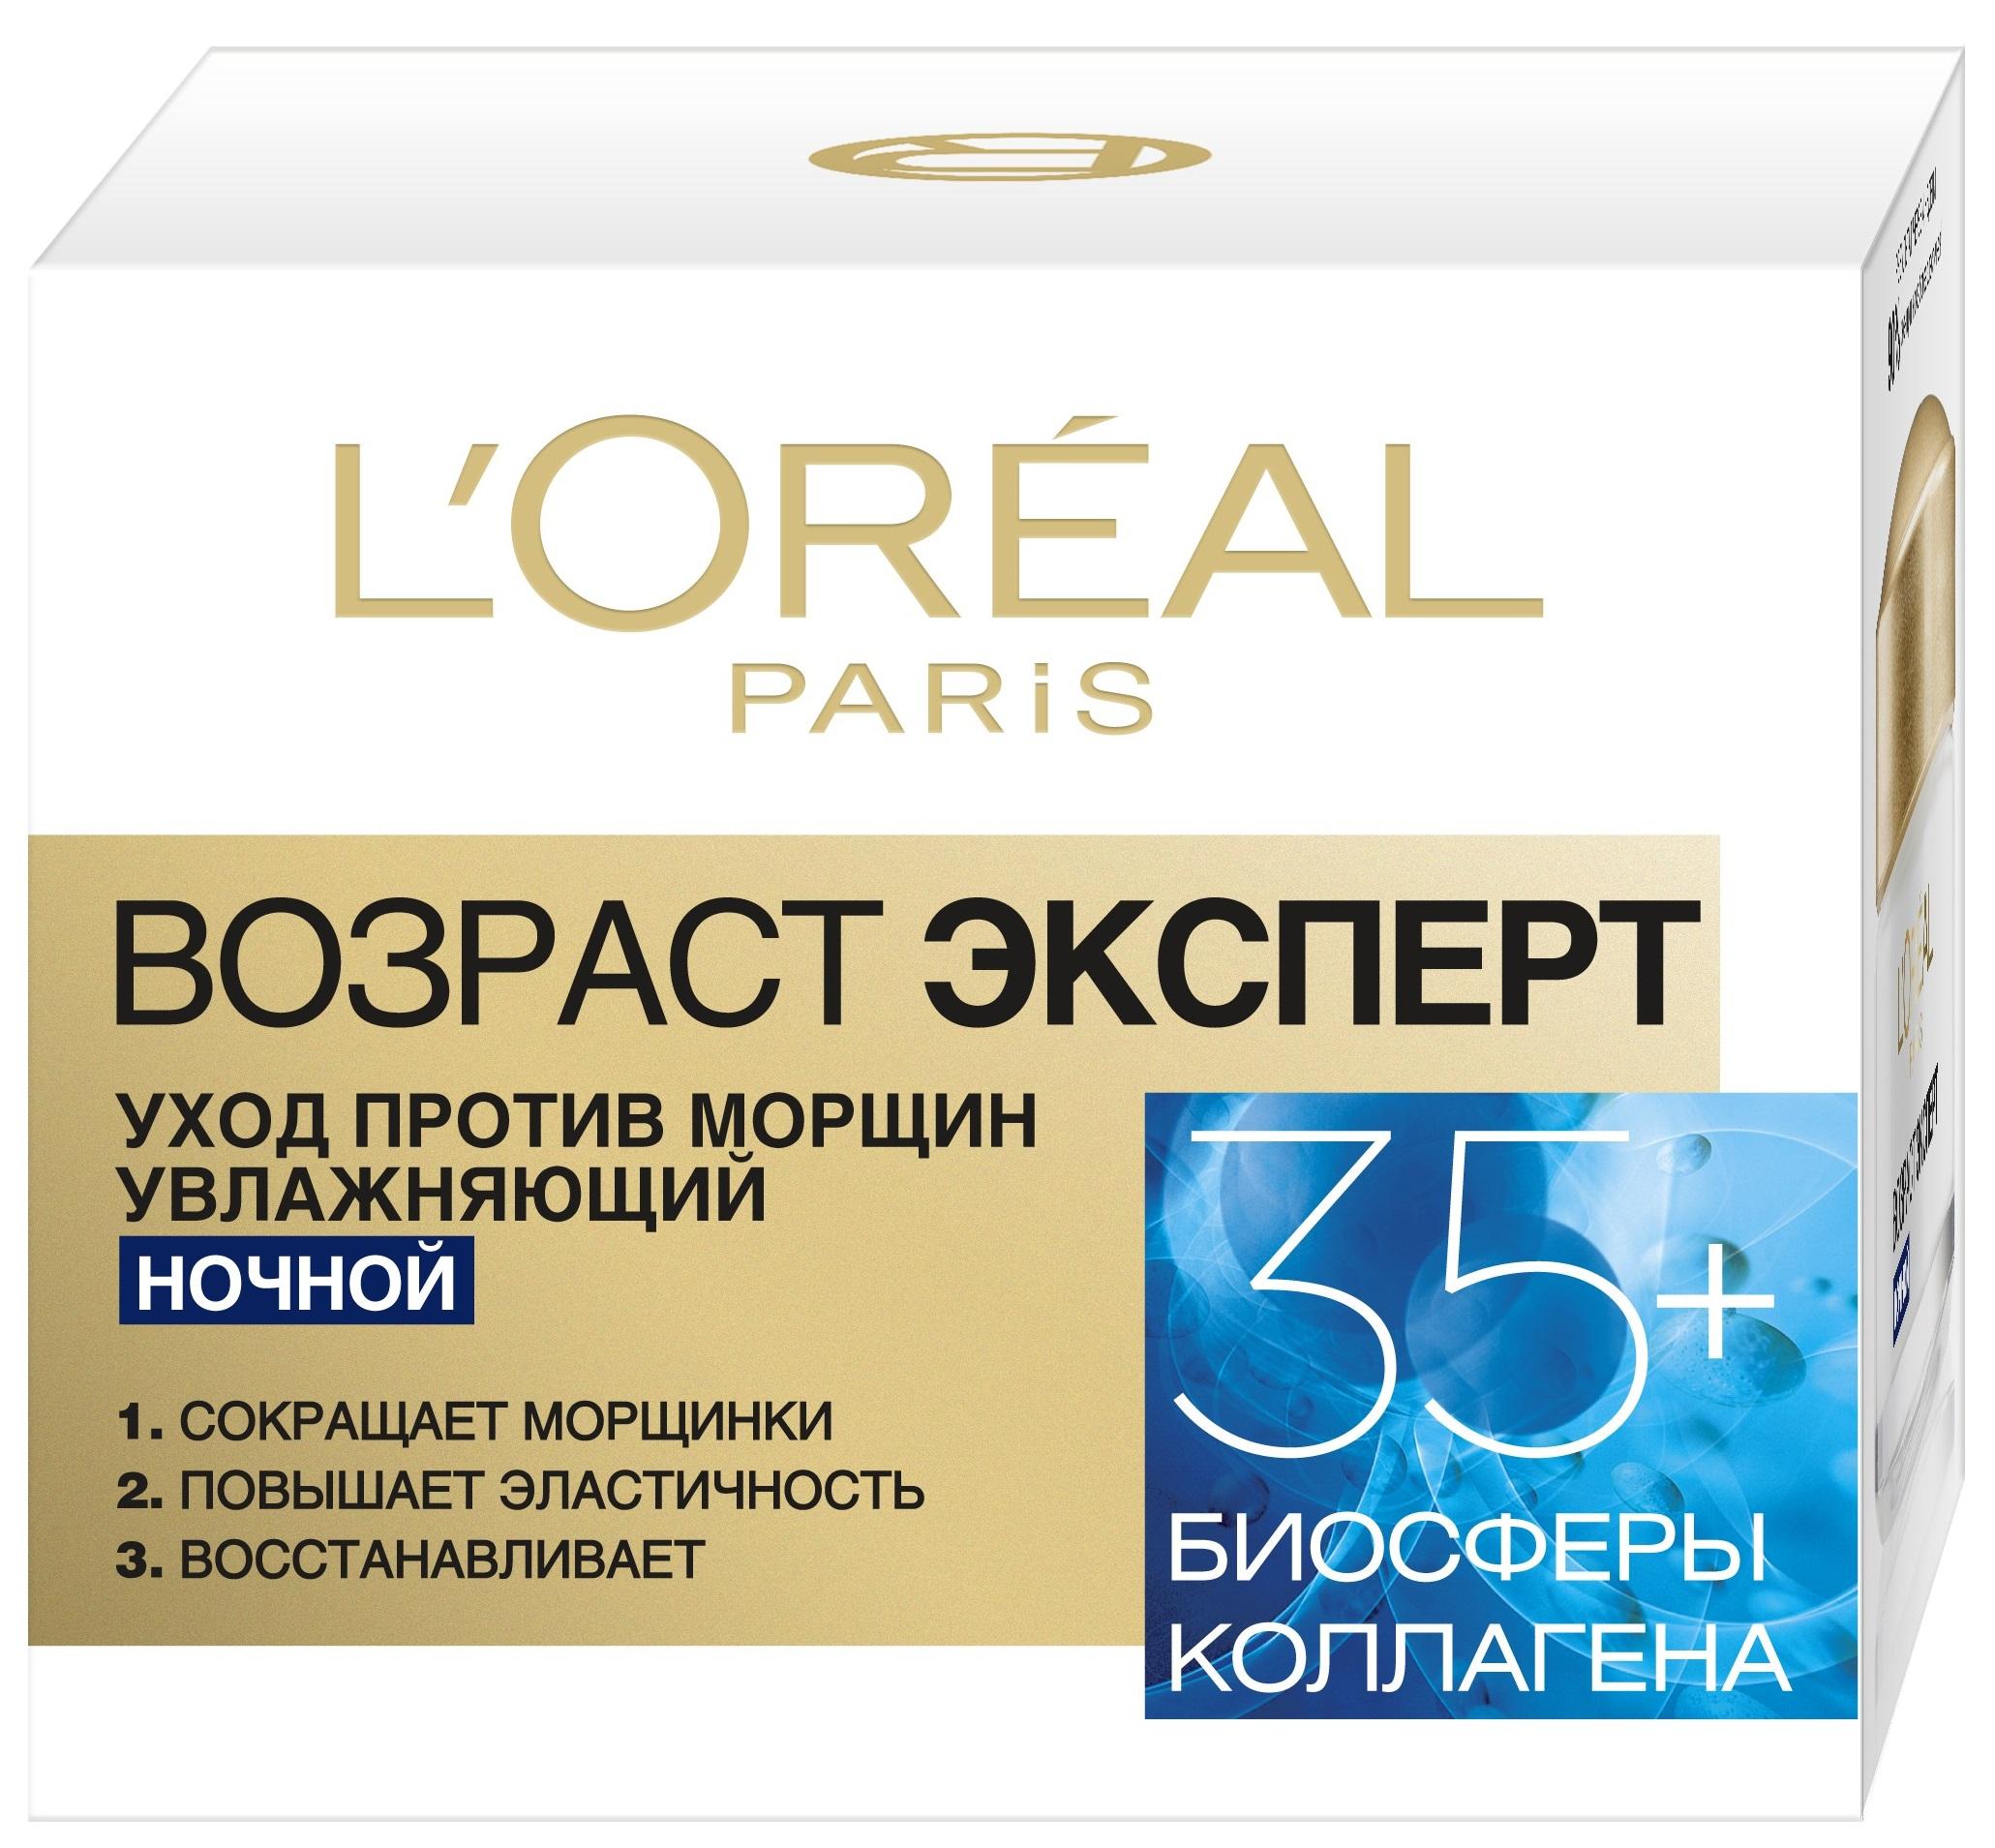 L'Oreal Paris Ночной крем для лица Возраст эксперт 35+ увлажняющий, против морщин, 50 мл возраст эксперт ночной антивозрастной крем для лица от 35 лет